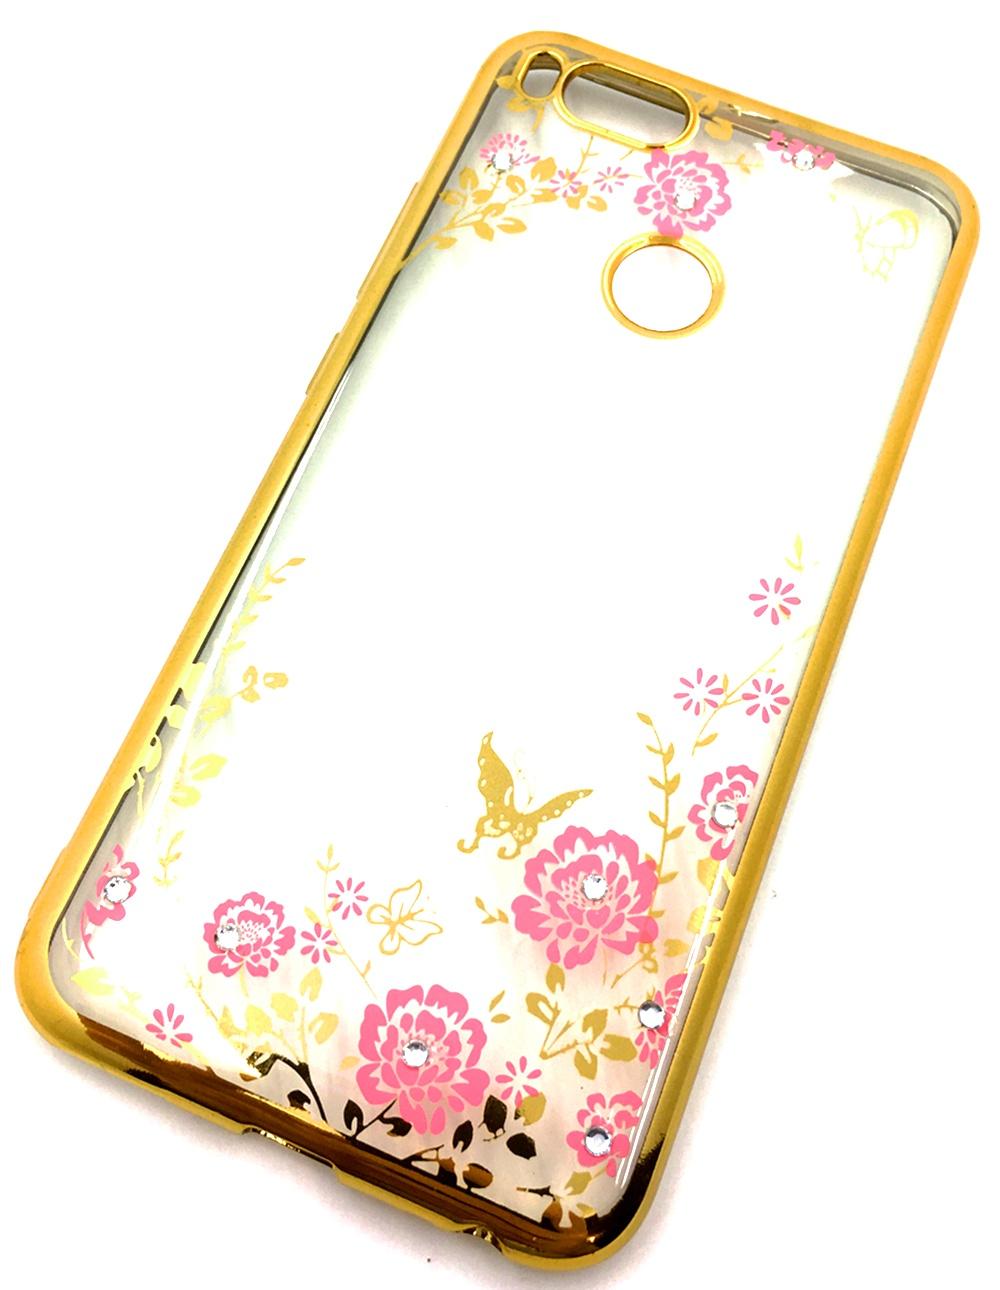 Чехол для сотового телефона Мобильная мода Xiaomi Mi A1 5X Силиконовая, прозрачная накладка со стразами, золотой чехол для сотового телефона мобильная мода meizu pro 6 силиконовая прозрачная накладка со стразами 6371g золотой